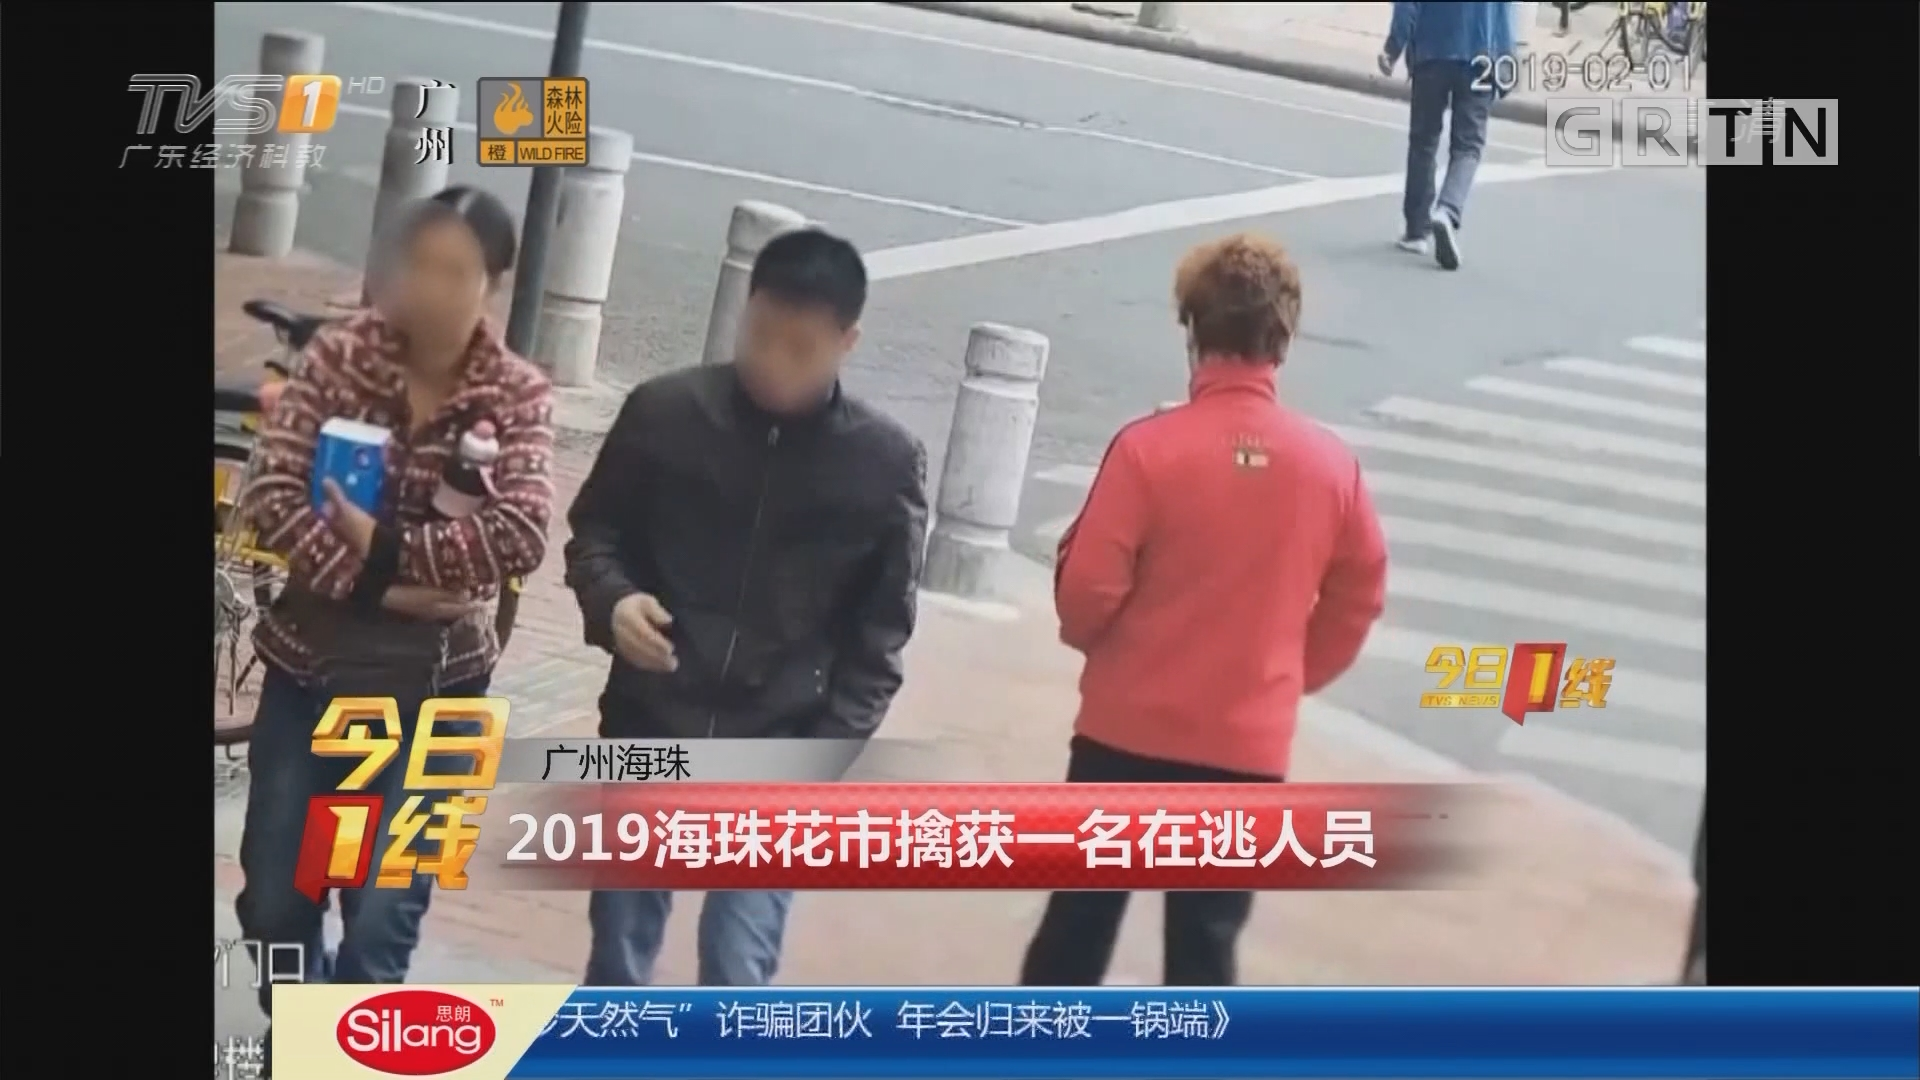 广州海珠:2019海珠花市擒获一名在逃人员